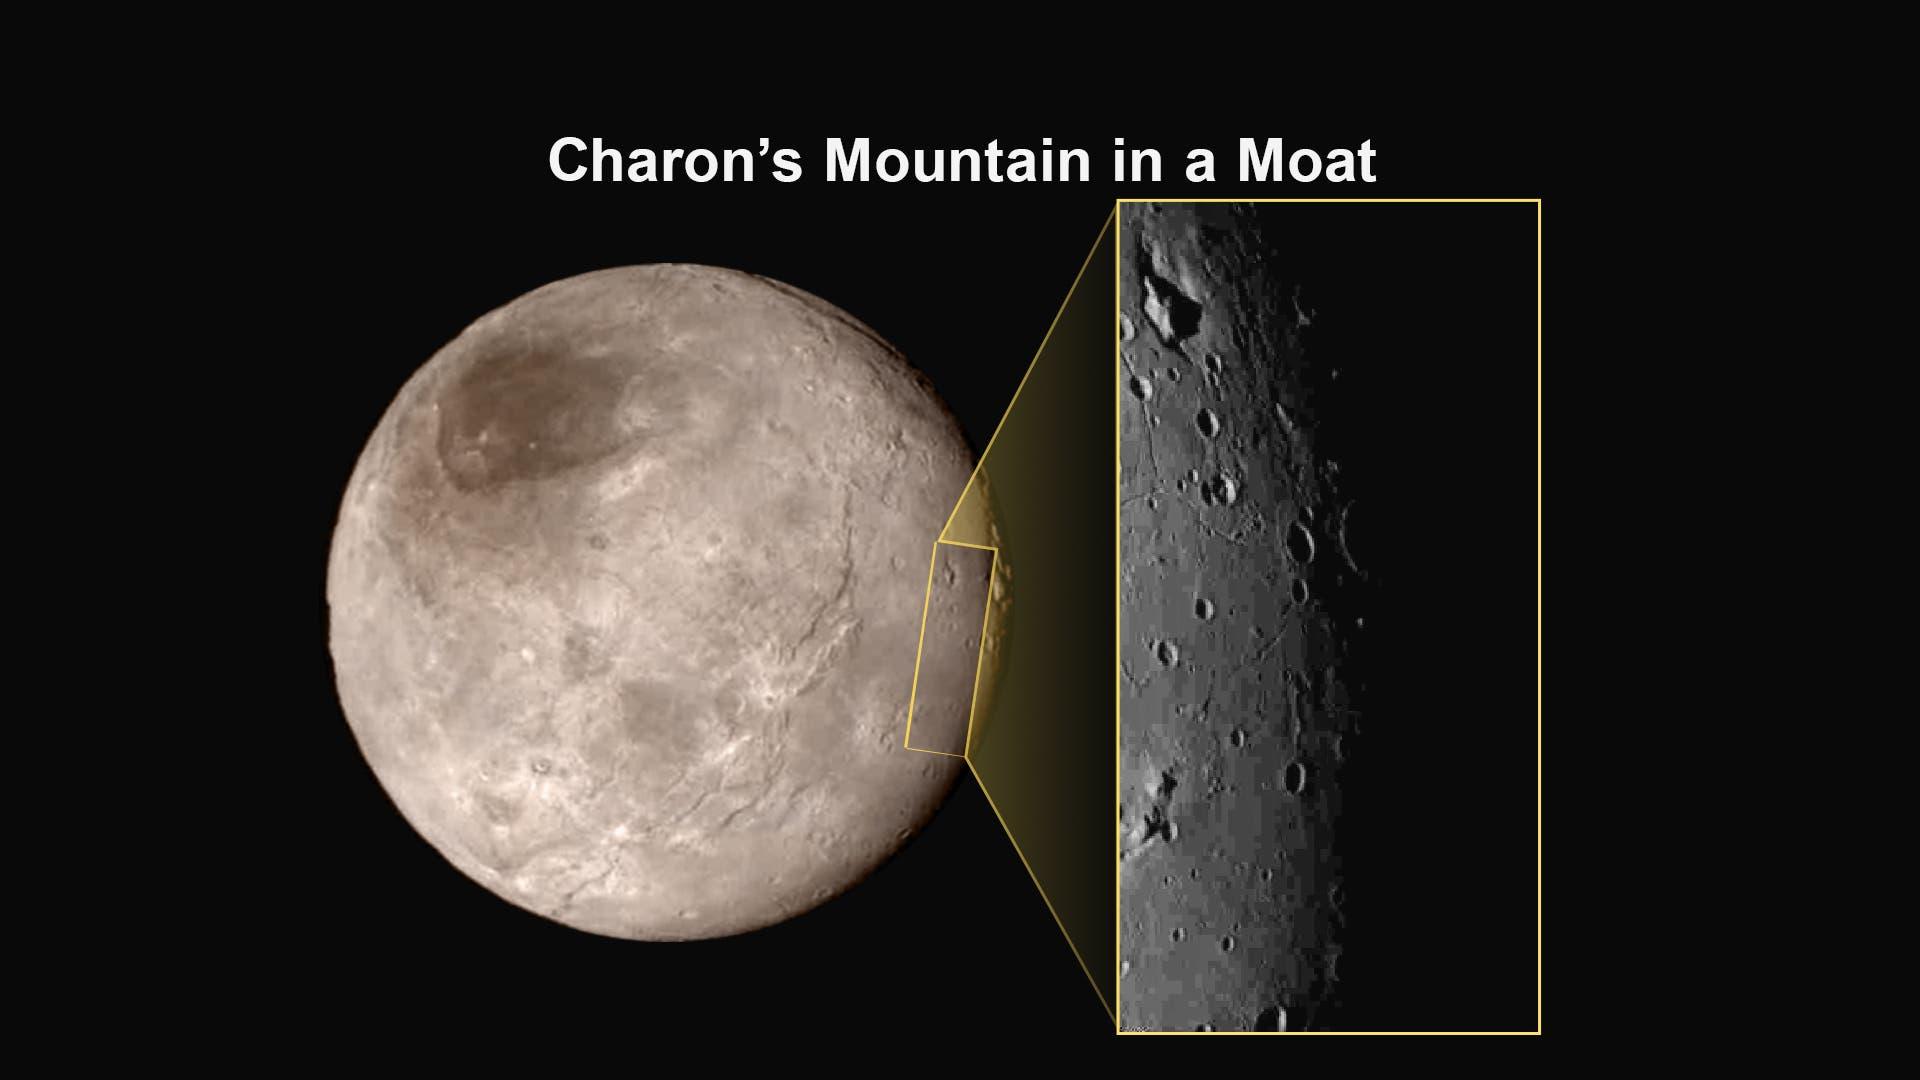 Detailbild der Charon-Oberfläche